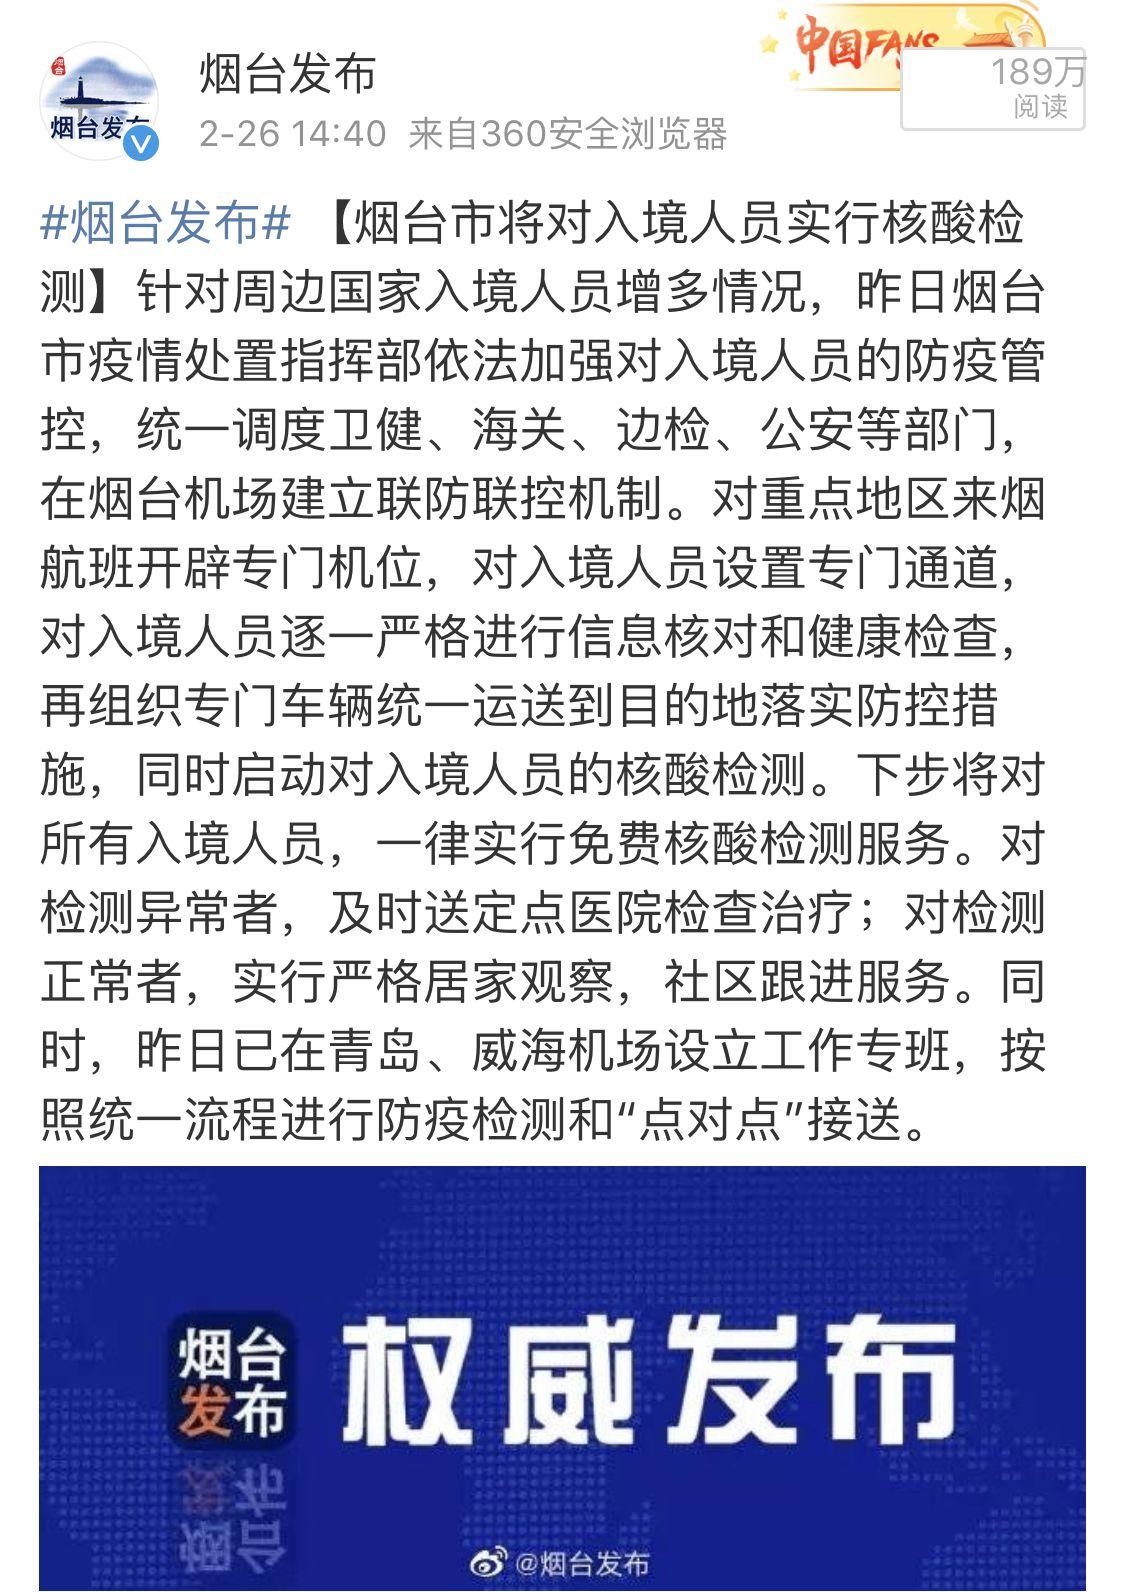 青岛未见韩籍人士大规模入境,多地加强防疫应对措施图片